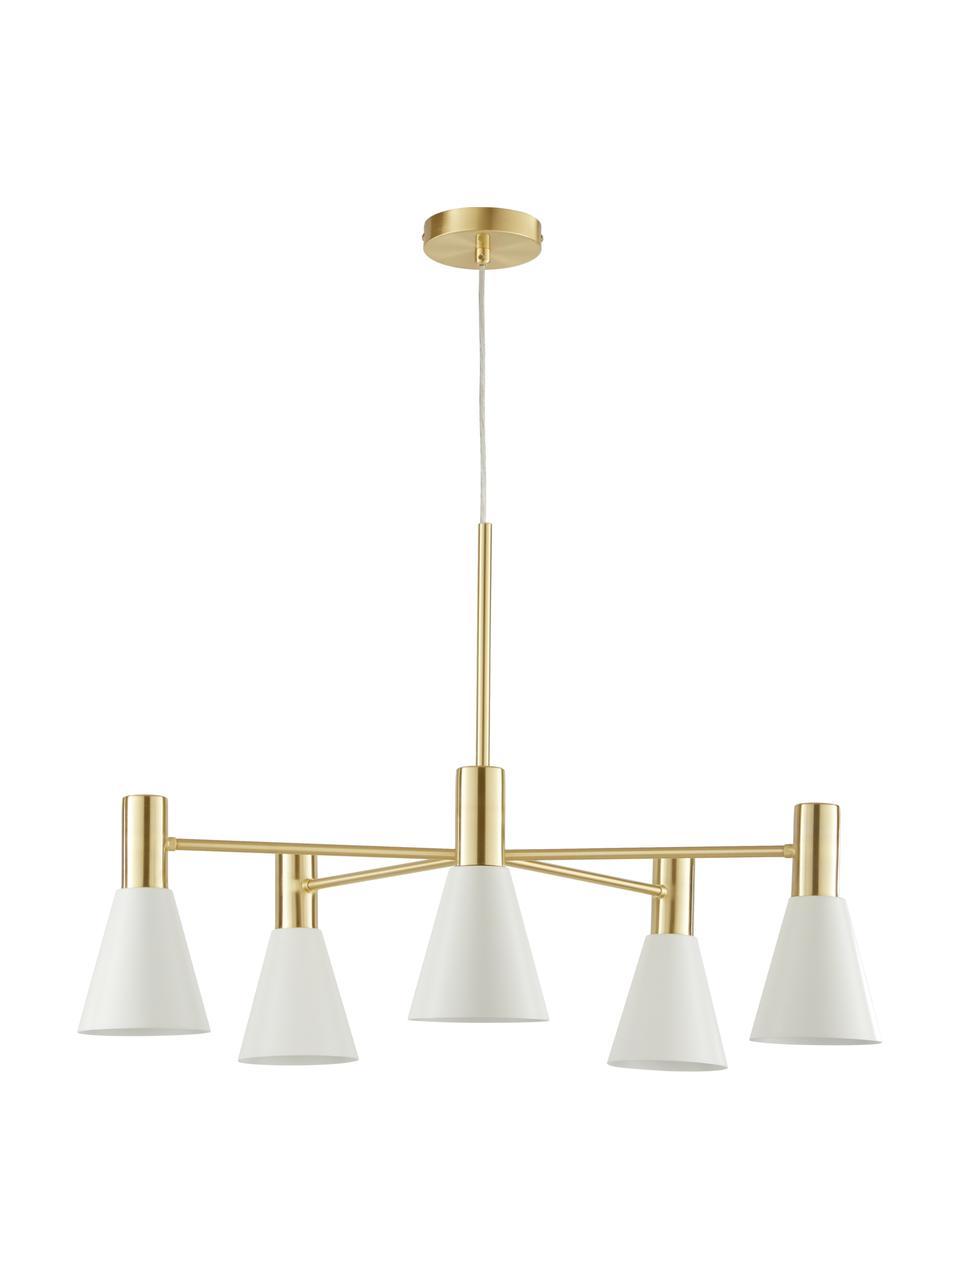 Grande suspension en métal Sia, Abat-jour: blanc, mat Rosace et chandelier: laiton, brossé